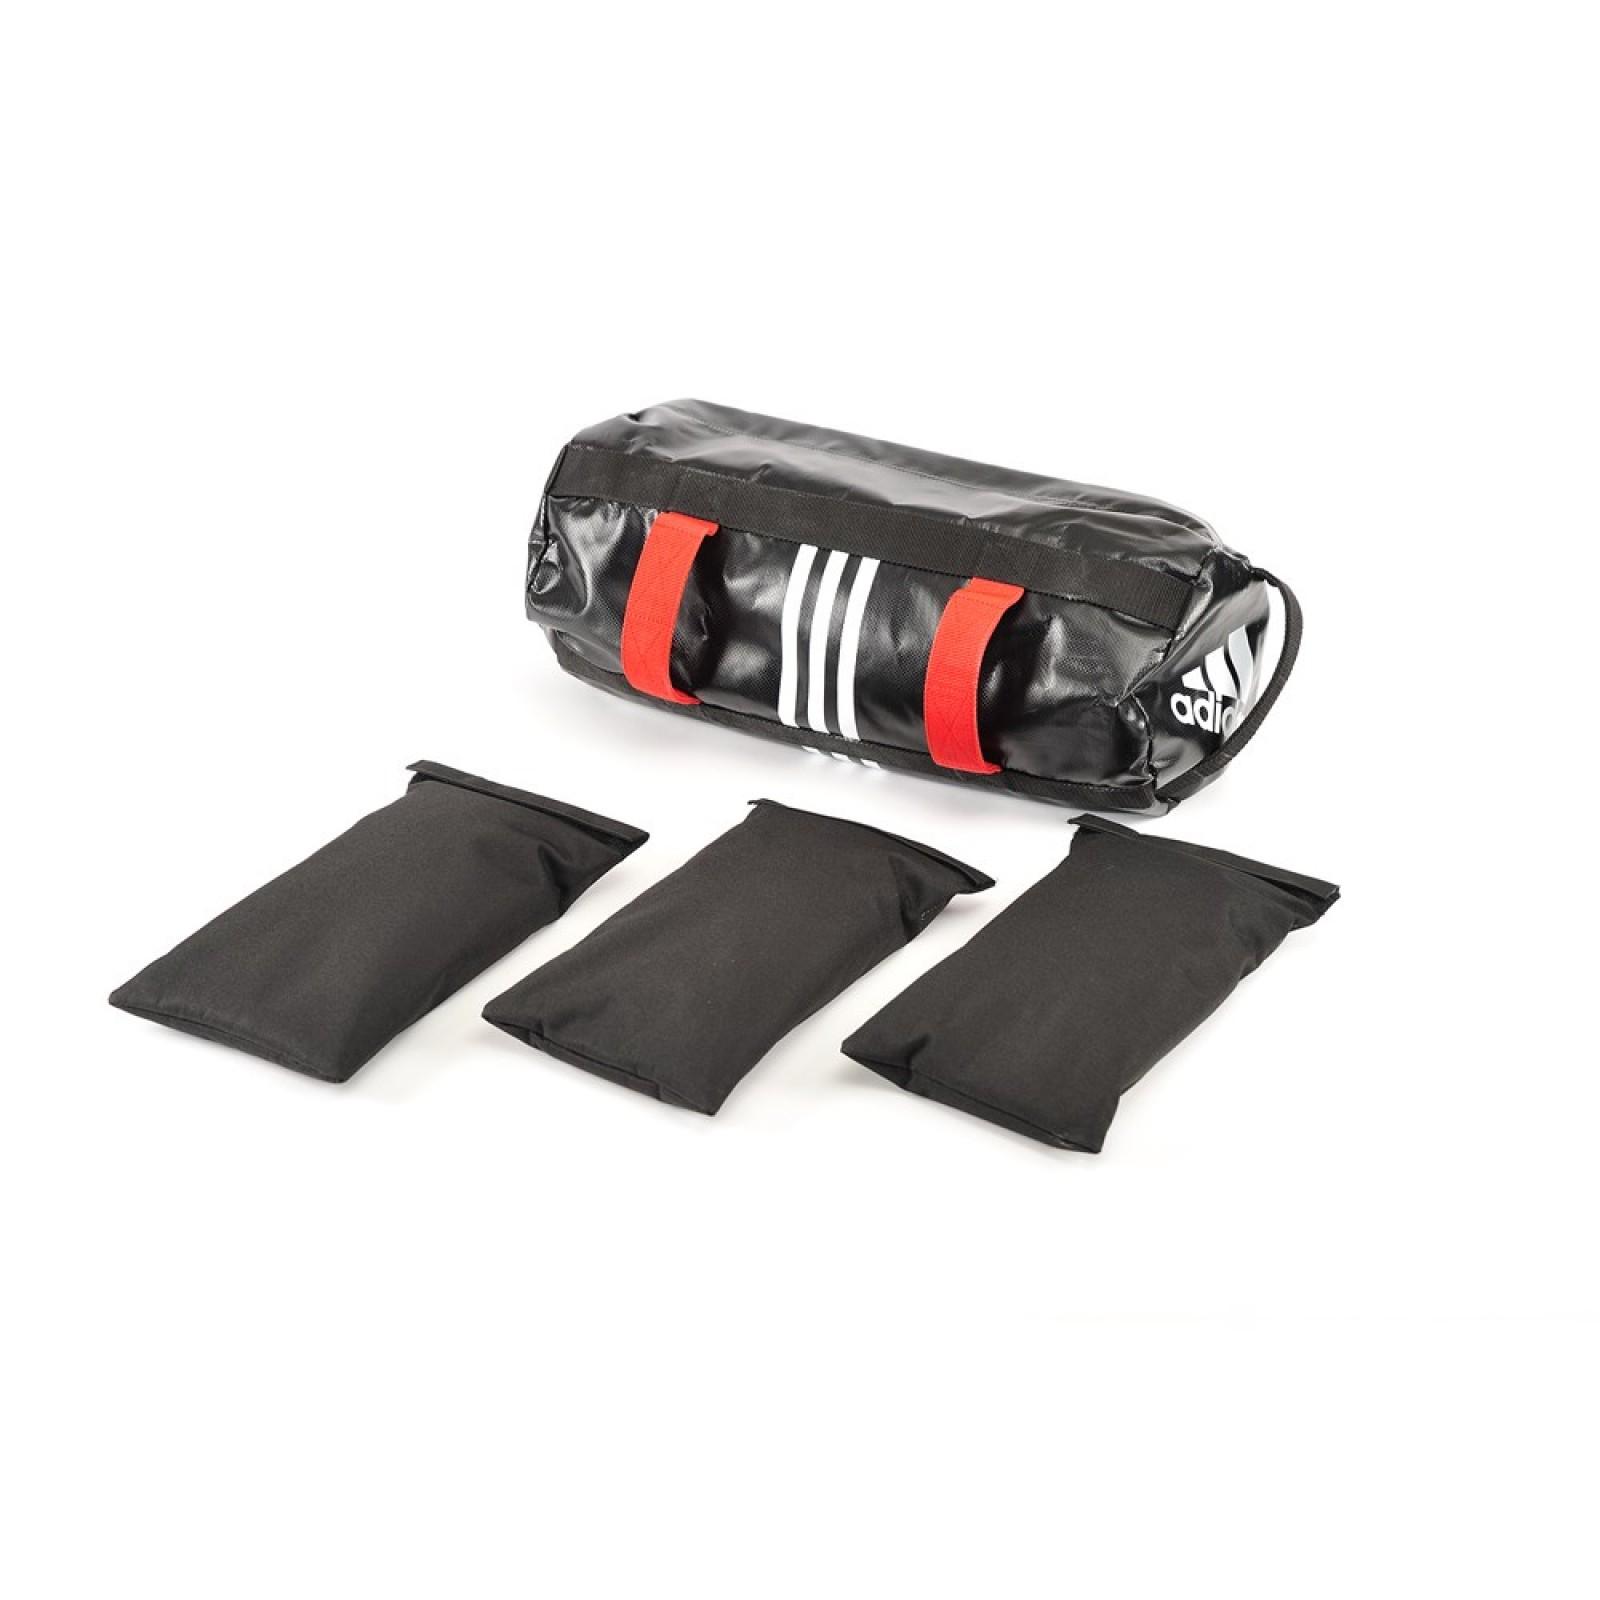 adidas sandbag g nstig kaufen fitshop. Black Bedroom Furniture Sets. Home Design Ideas